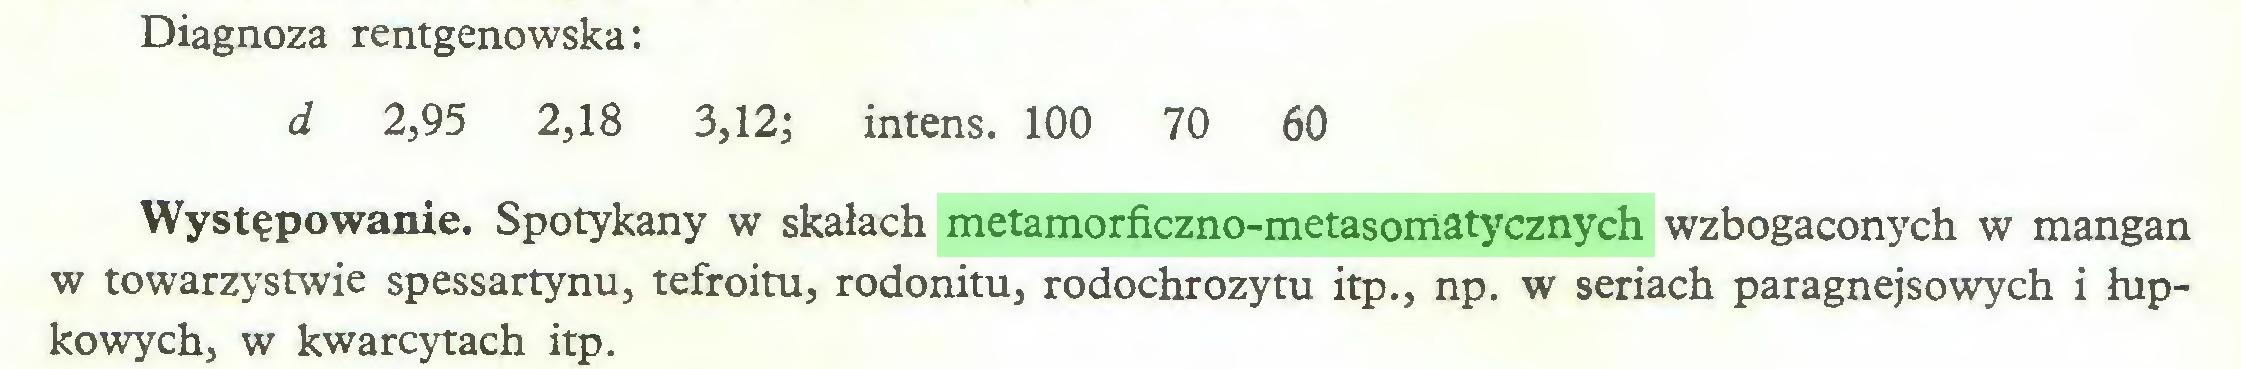 (...) Diagnoza rentgenowska: d 2,95 2,18 3,12; intens. 100 70 60 Występowanie. Spotykany w skałach metamorficzno-metasomatycznych wzbogaconych w mangan w towarzystwie spessartynu, tefroitu, rodonitu, rodochrozytu itp., np. w seriach paragnejsowych i łupkowych, w kwarcytach itp...